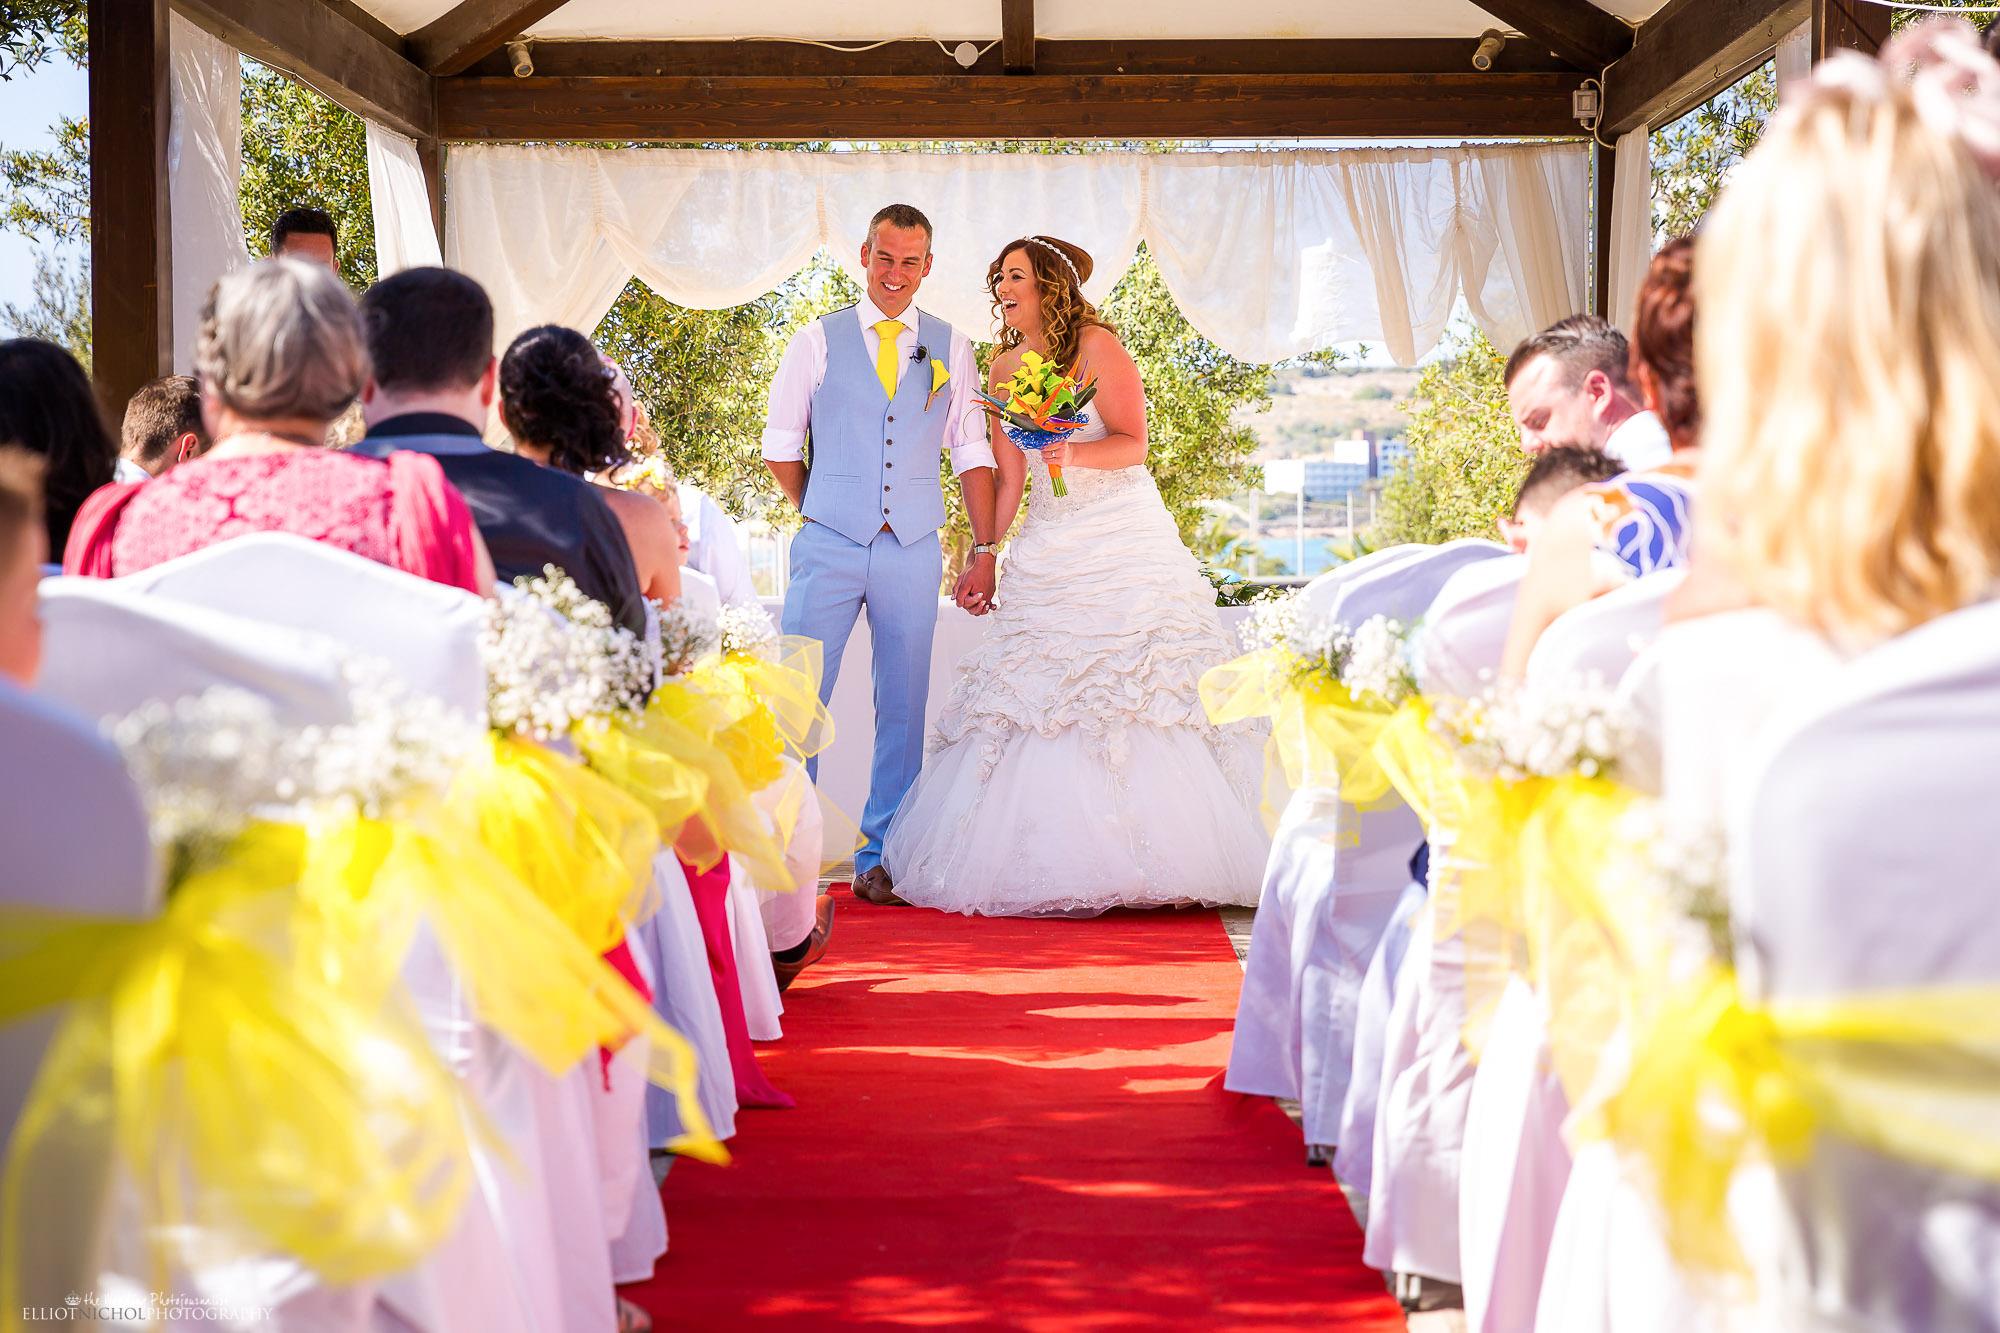 destination-wedding-altar-Seabank-ceremony-setup